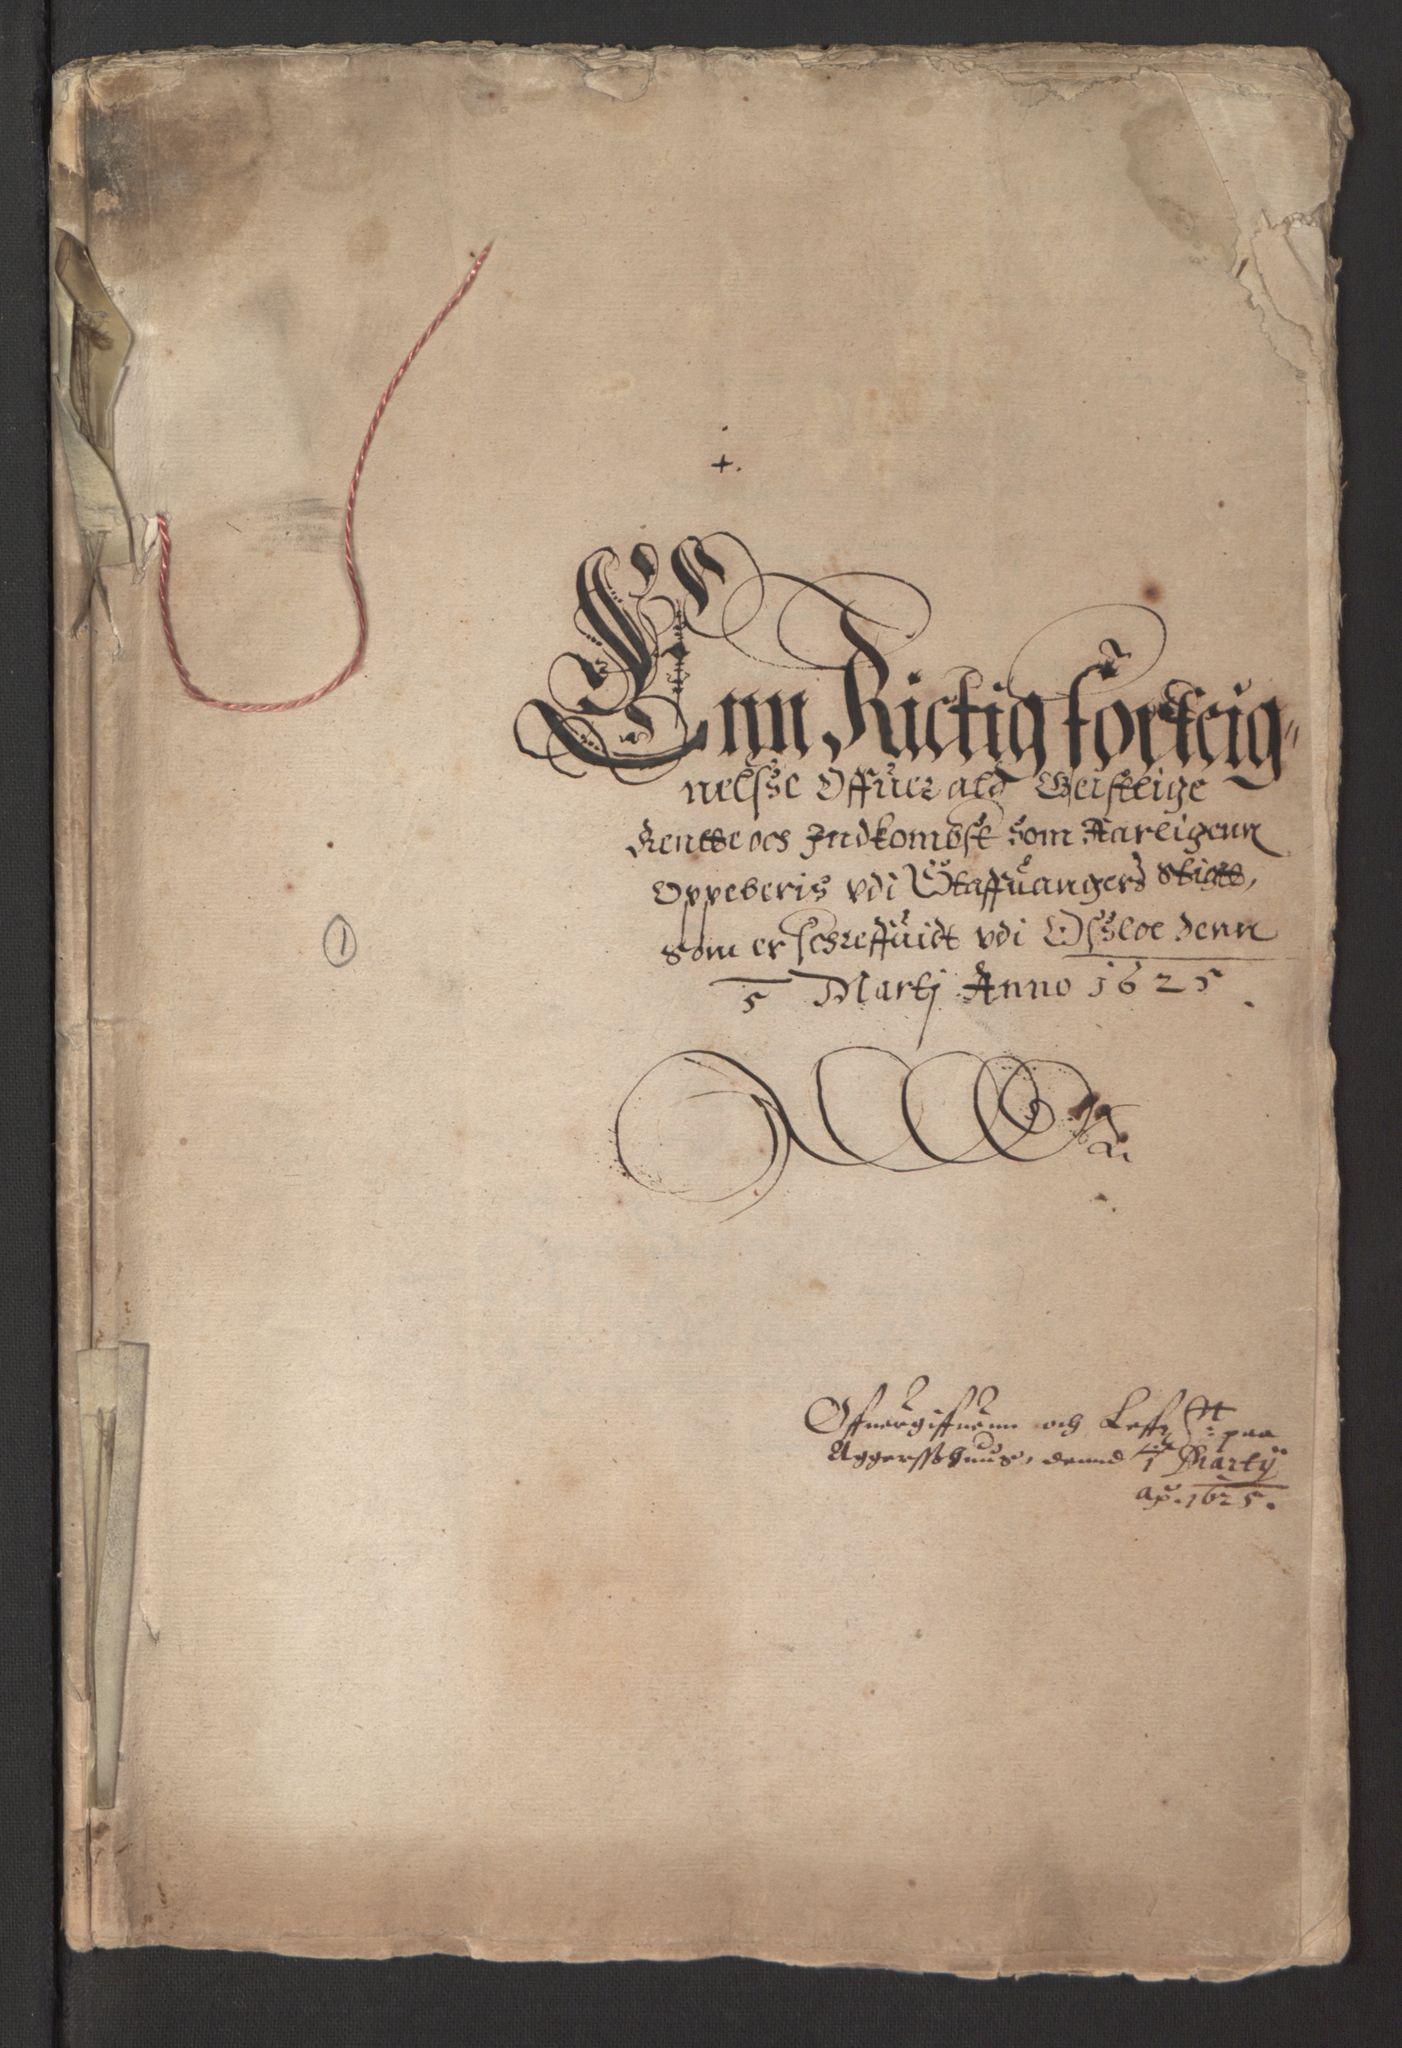 RA, Stattholderembetet 1572-1771, Ek/L0014: Jordebøker til utlikning av rosstjeneste 1624-1626:, 1625, s. 2